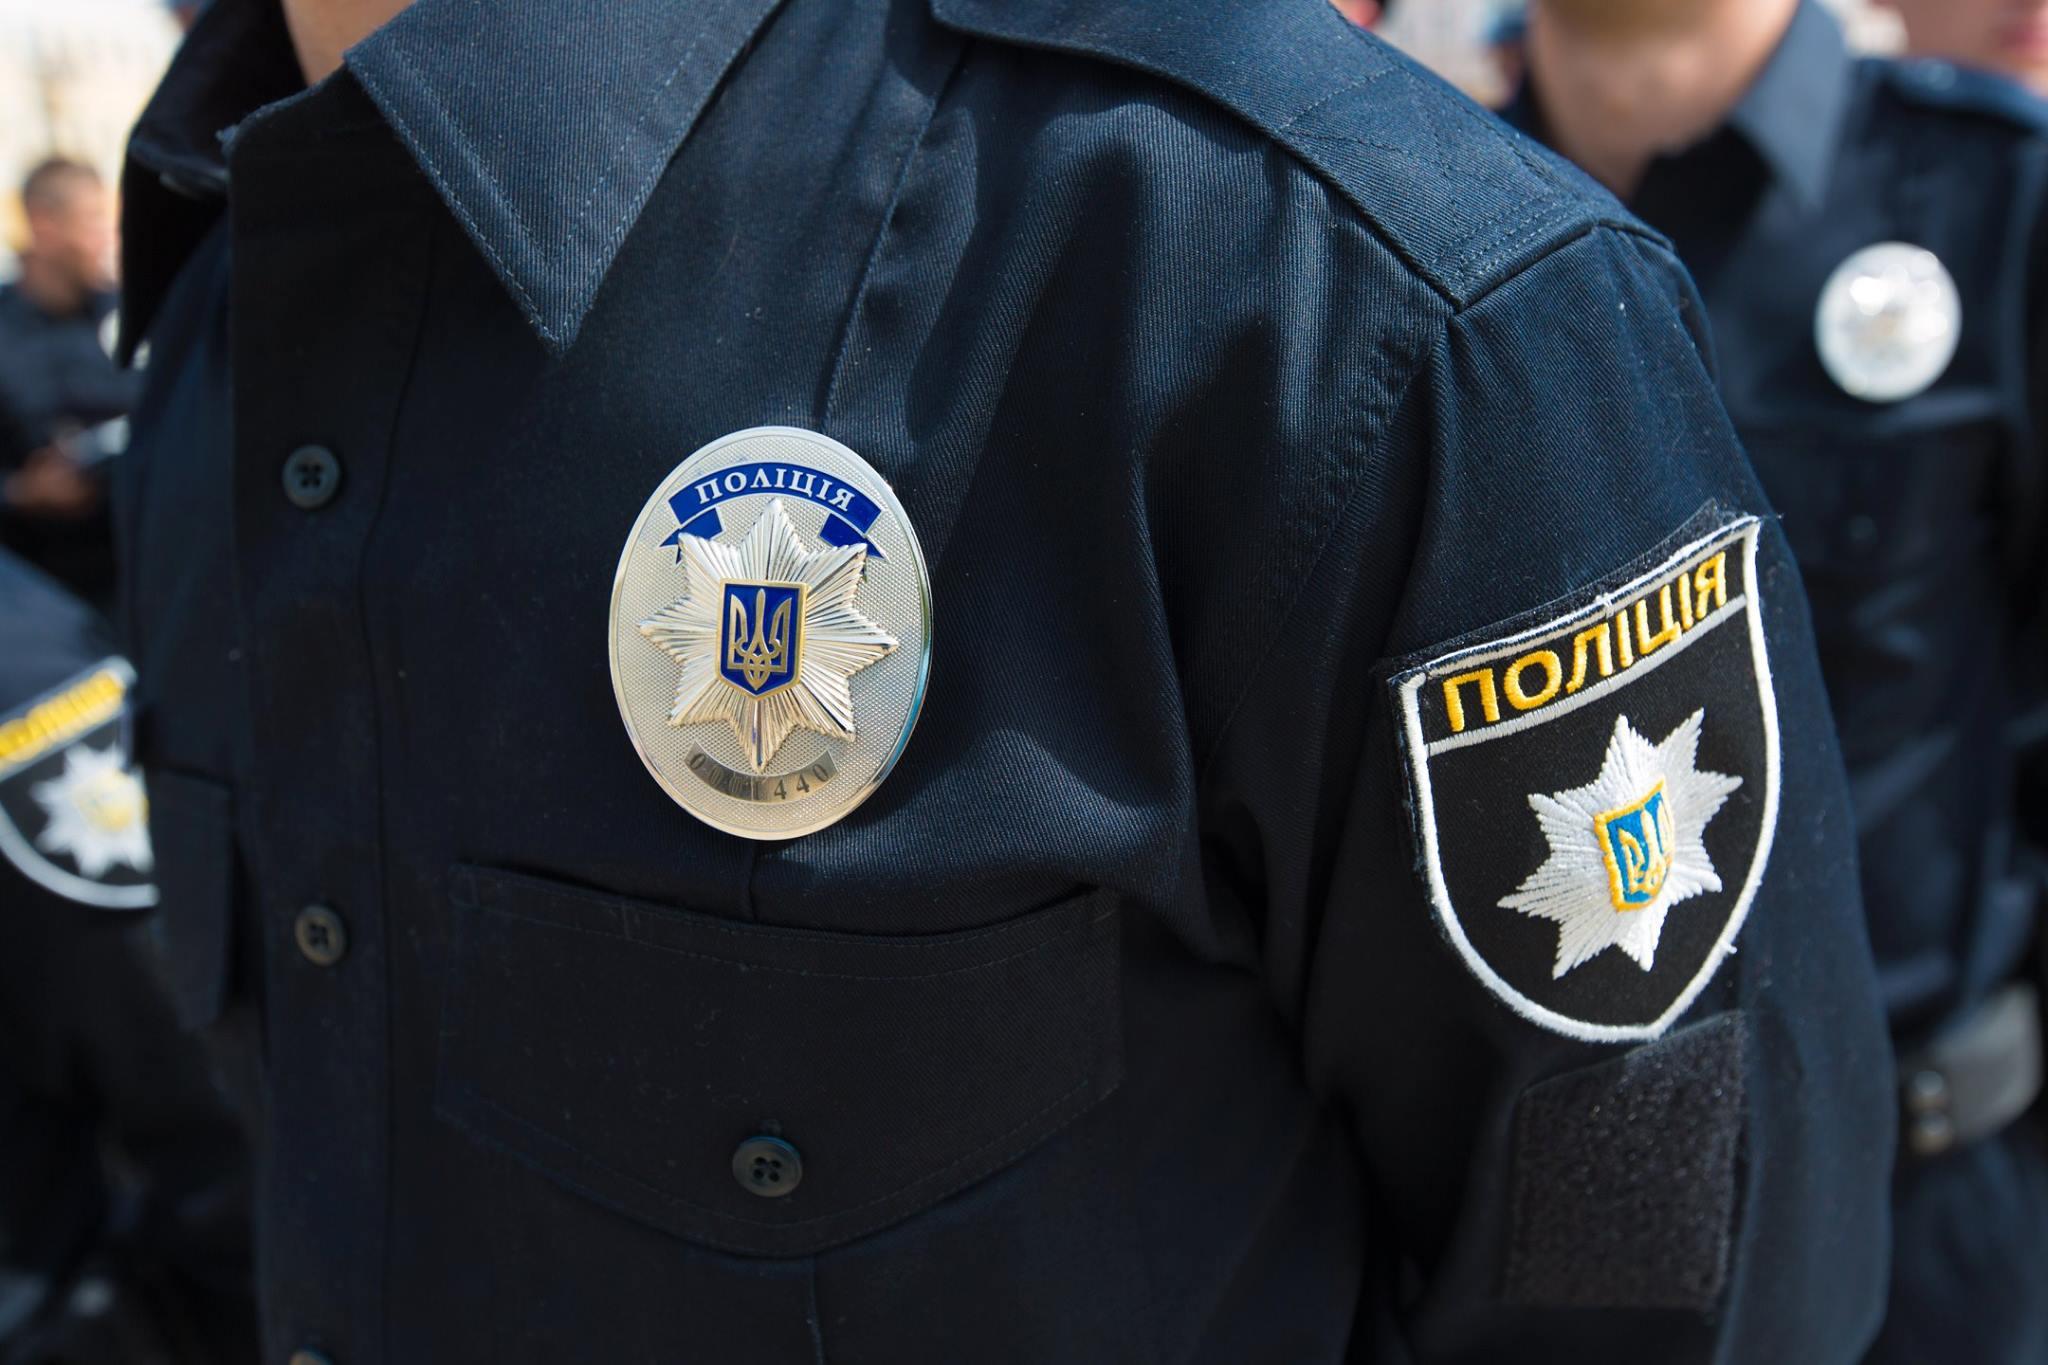 Найден зарезанным эксперт, расследовавший дело Литвиненко